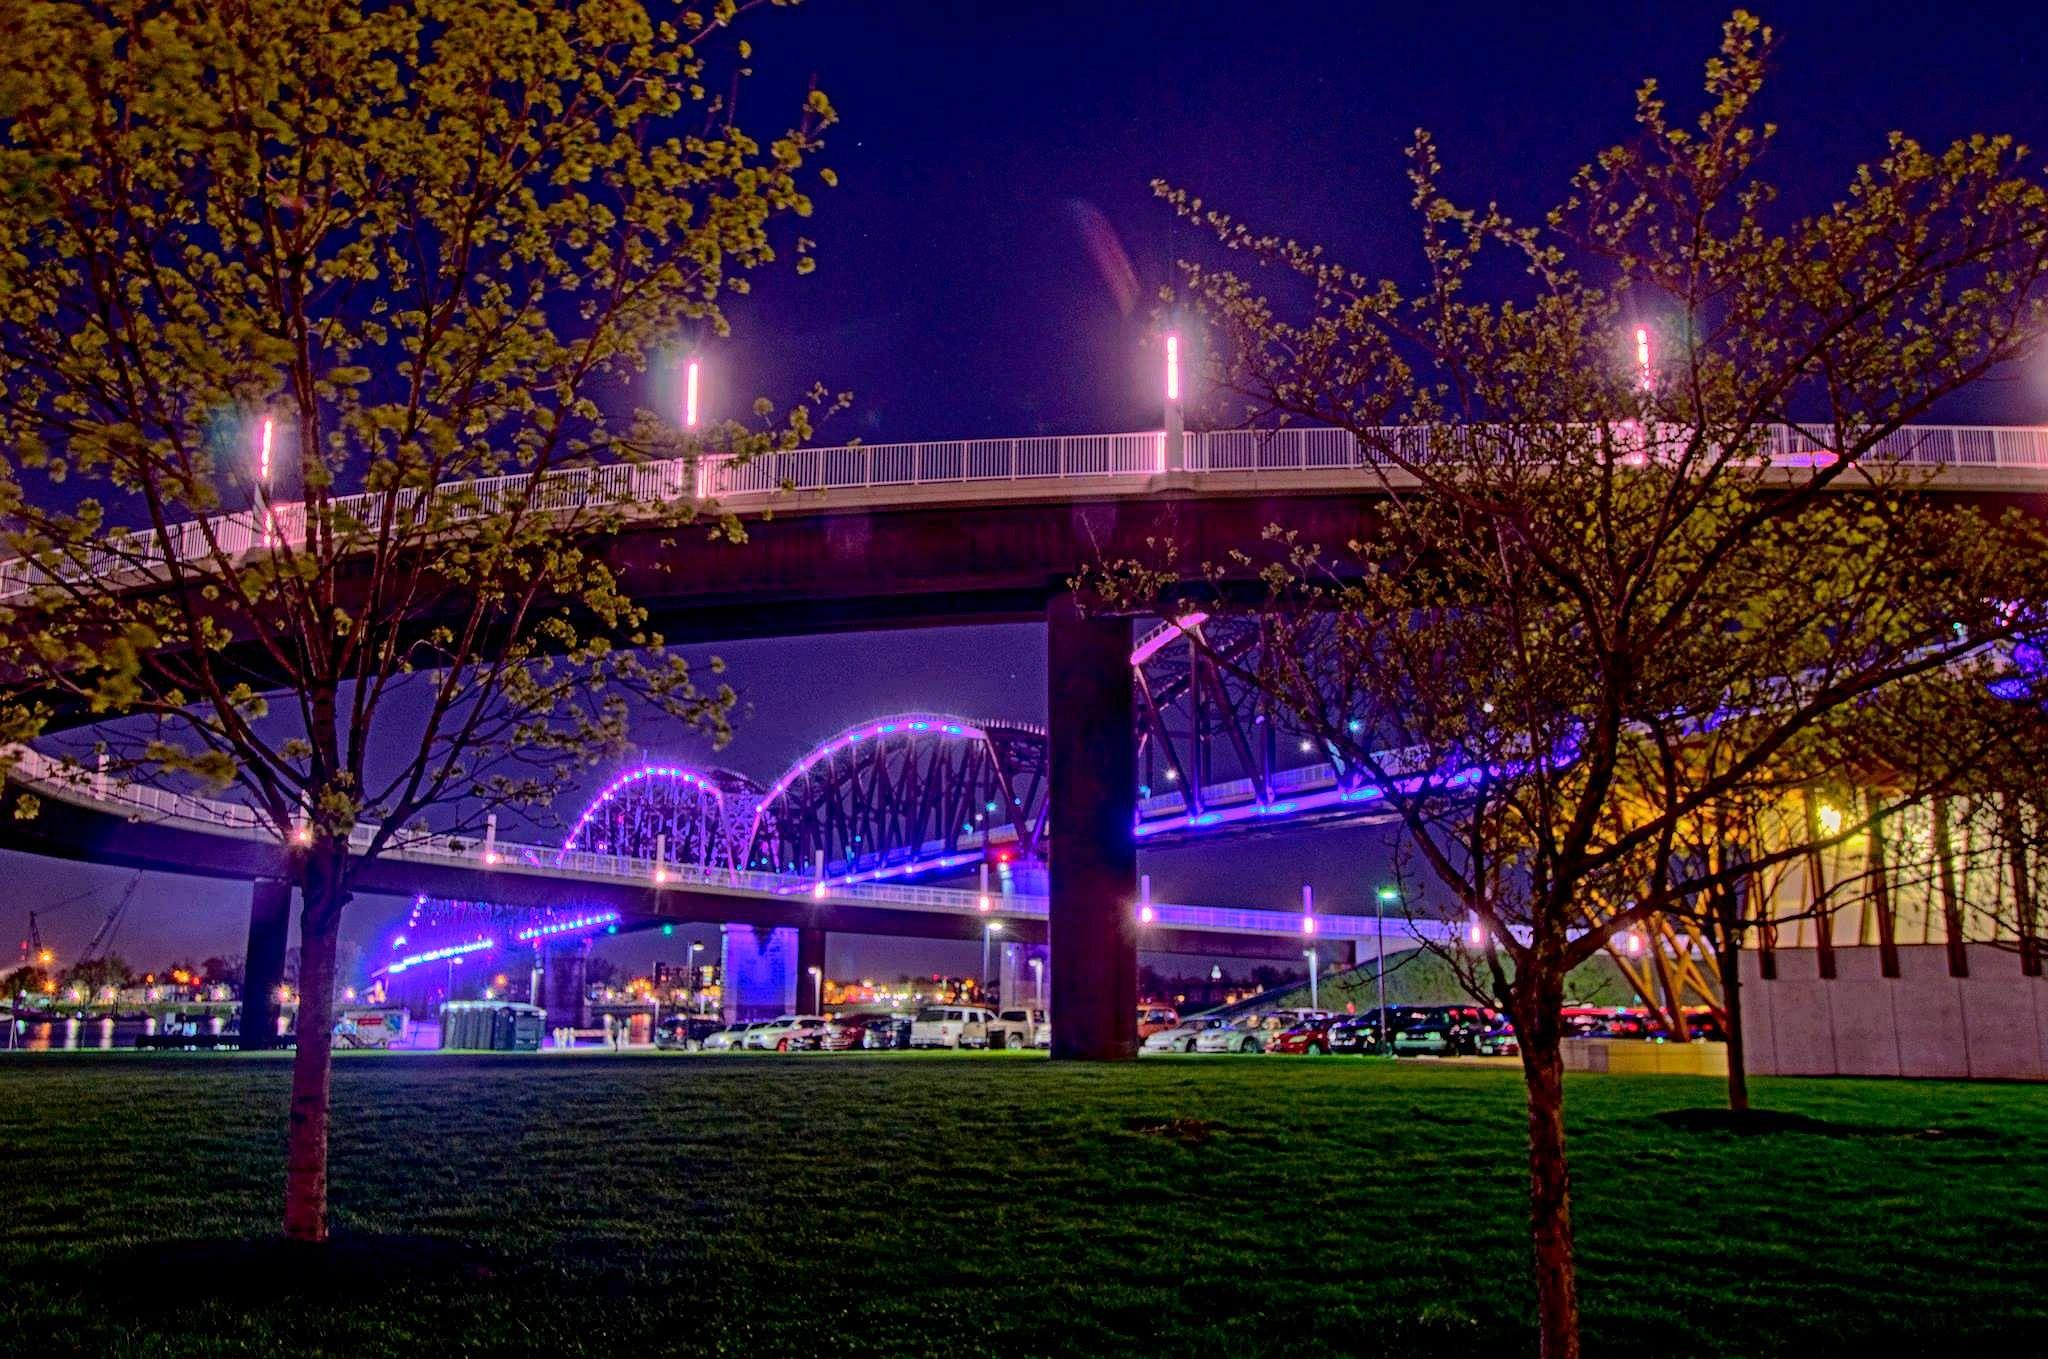 Big Four® Bridge - Louisville Waterfront Park